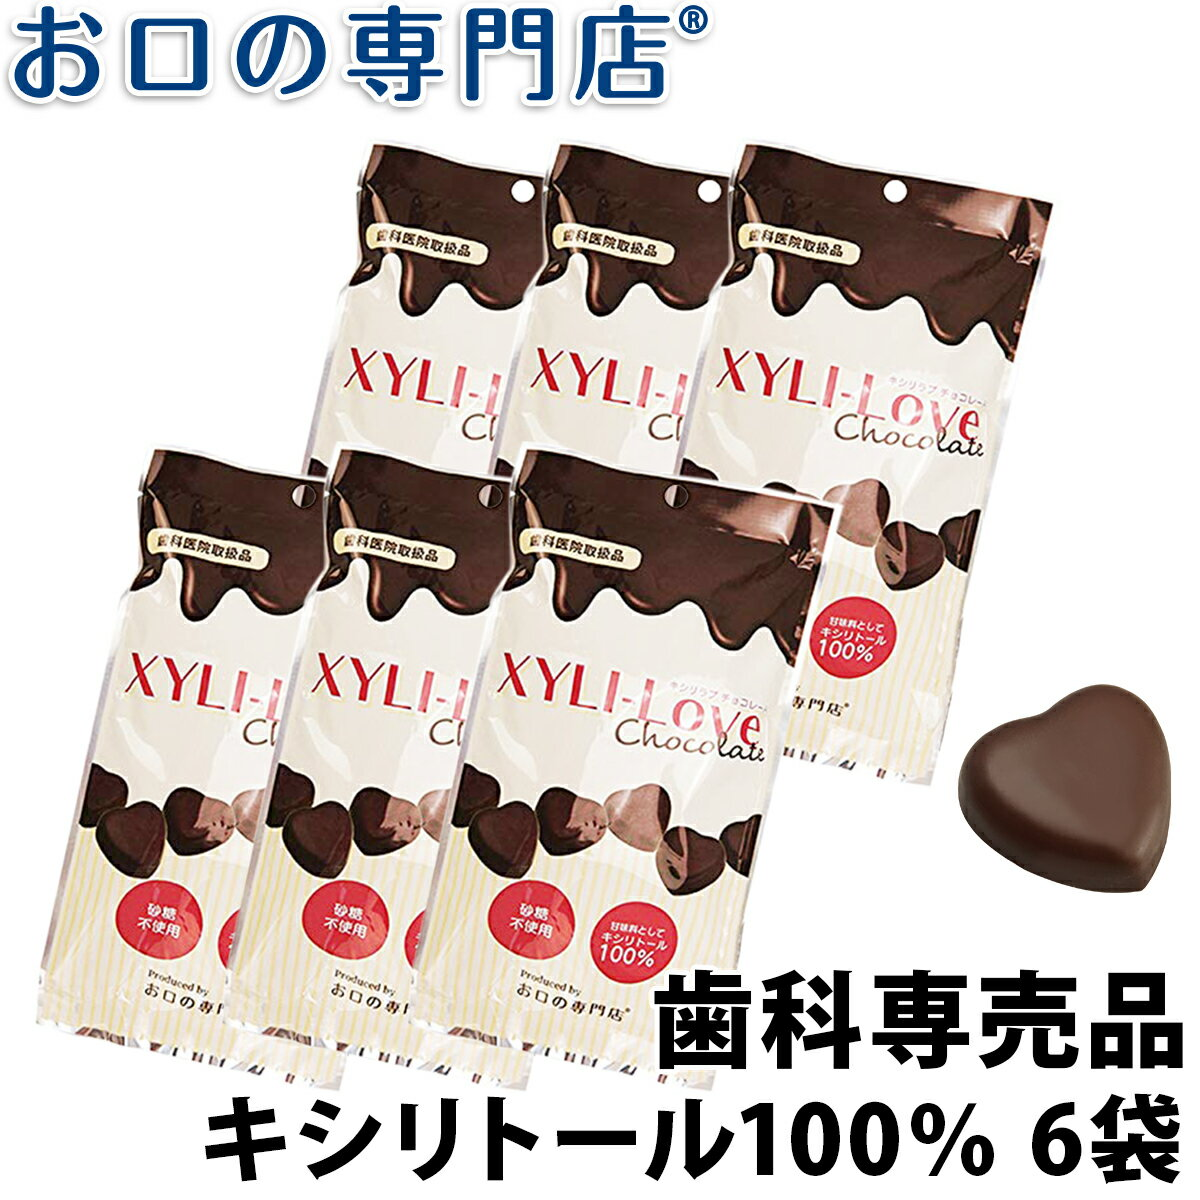 XYLI-LOVE(キシリラブ) チョコレート 24粒(72g) × 6袋  歯科専売品【宅配便送料無料】